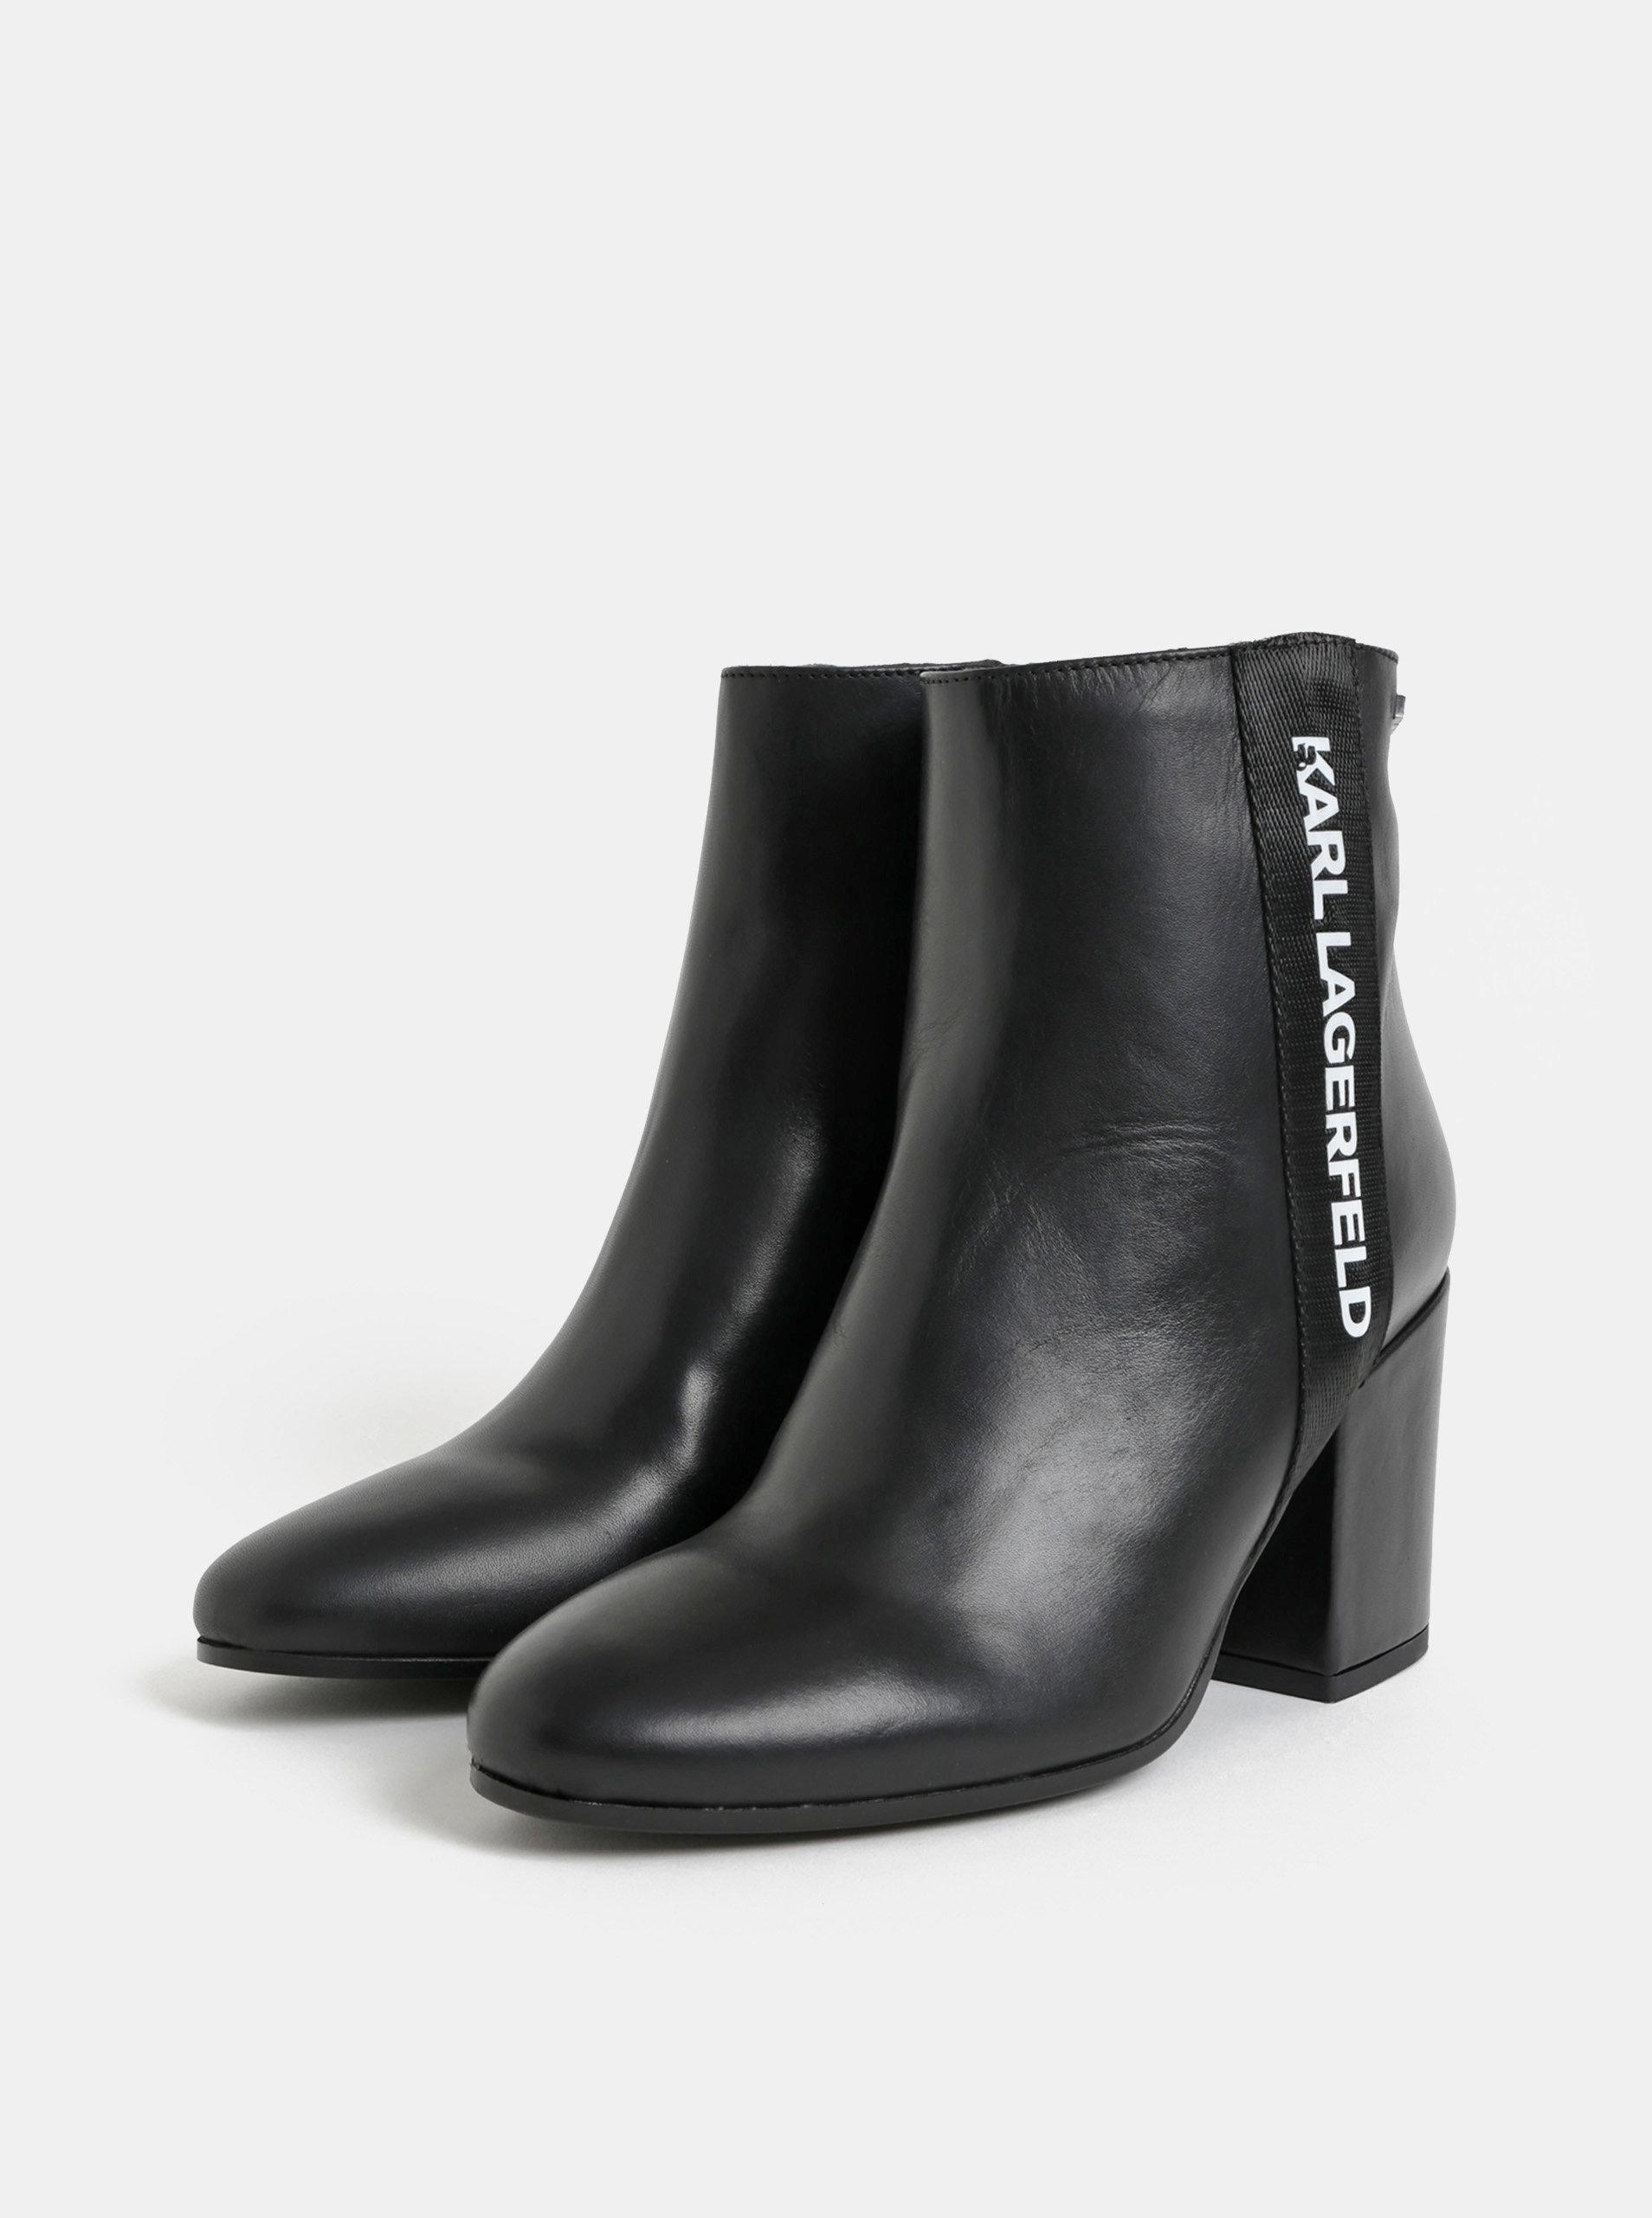 64d77b4a48f67 Čierne kožené členkové topánky na vysokom podpätku KARL LAGERFELD ...